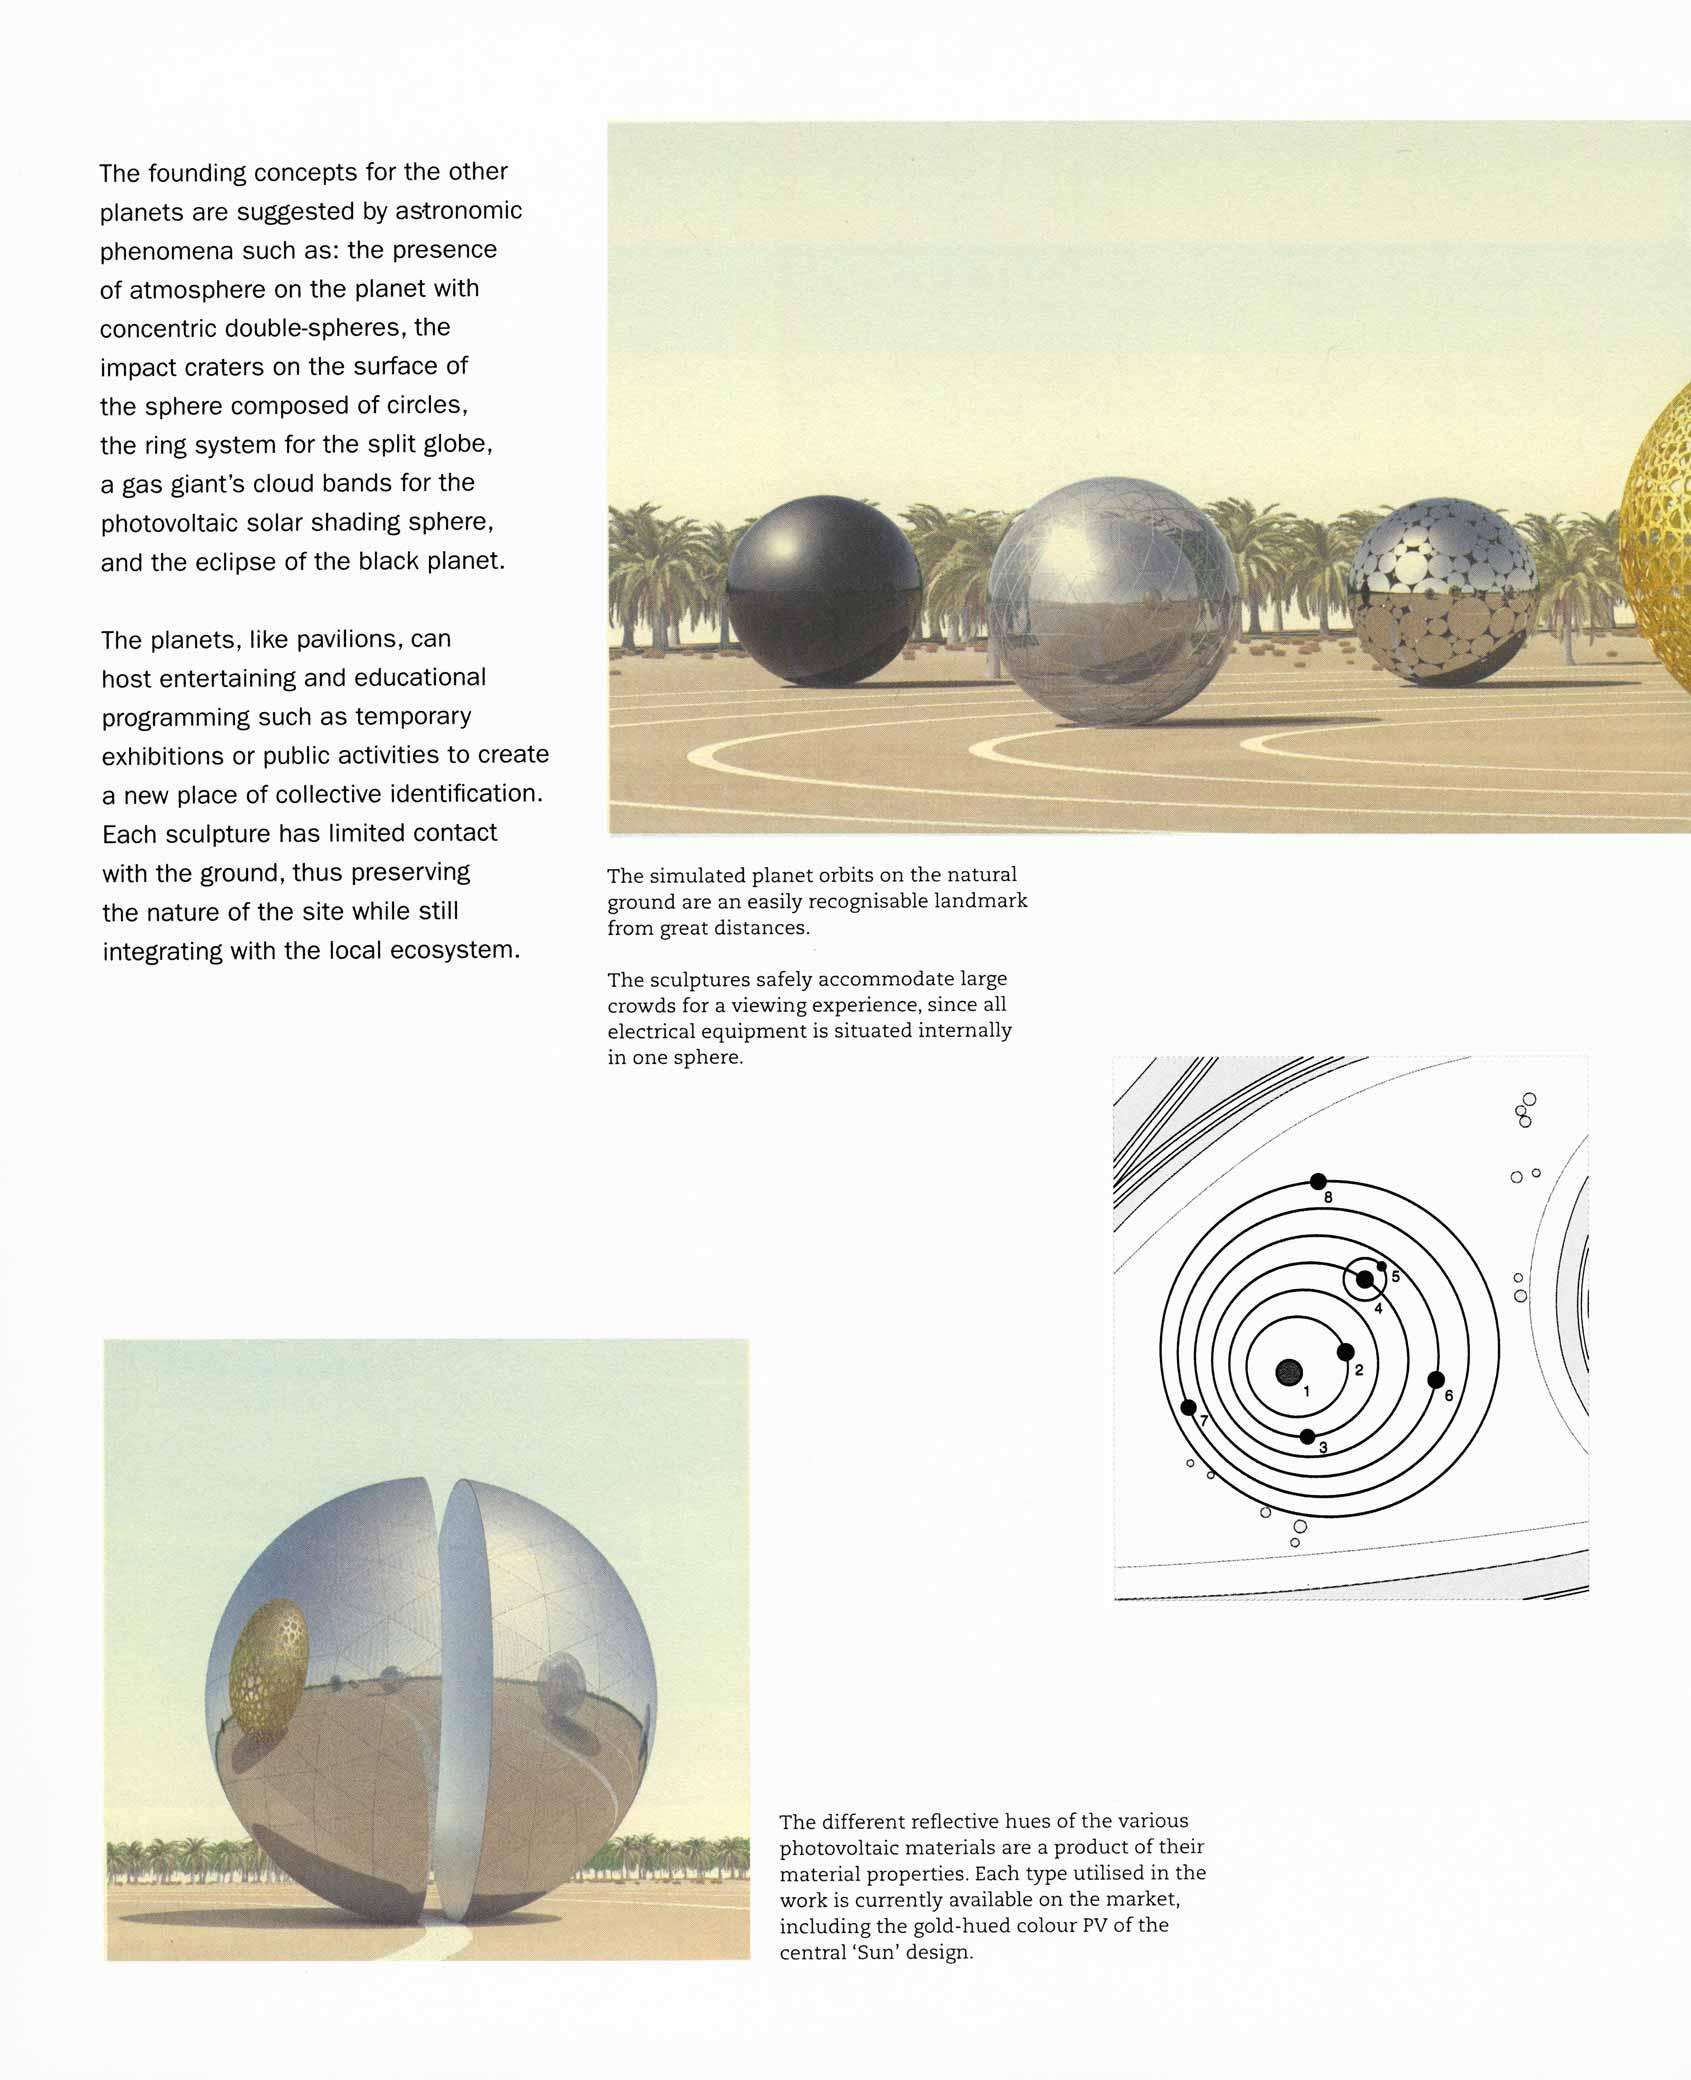 Solar Eco System, Antonio Maccà